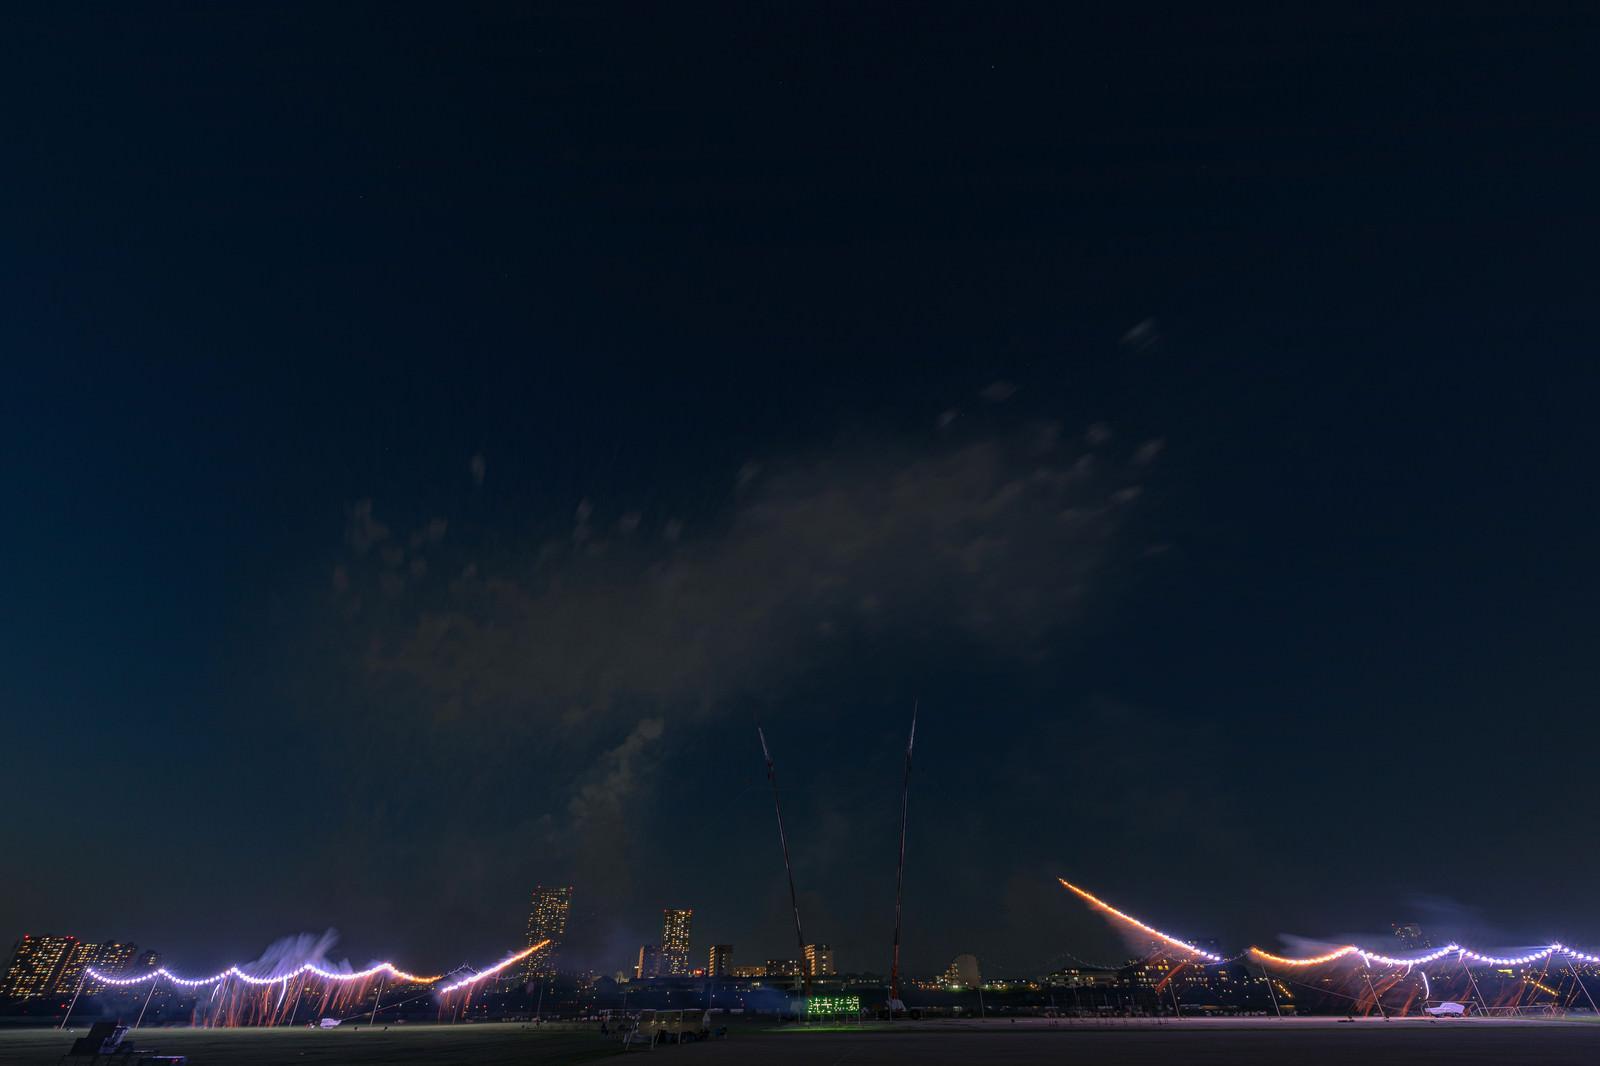 「江戸川区花火大会の仕掛け花火に点火」の写真